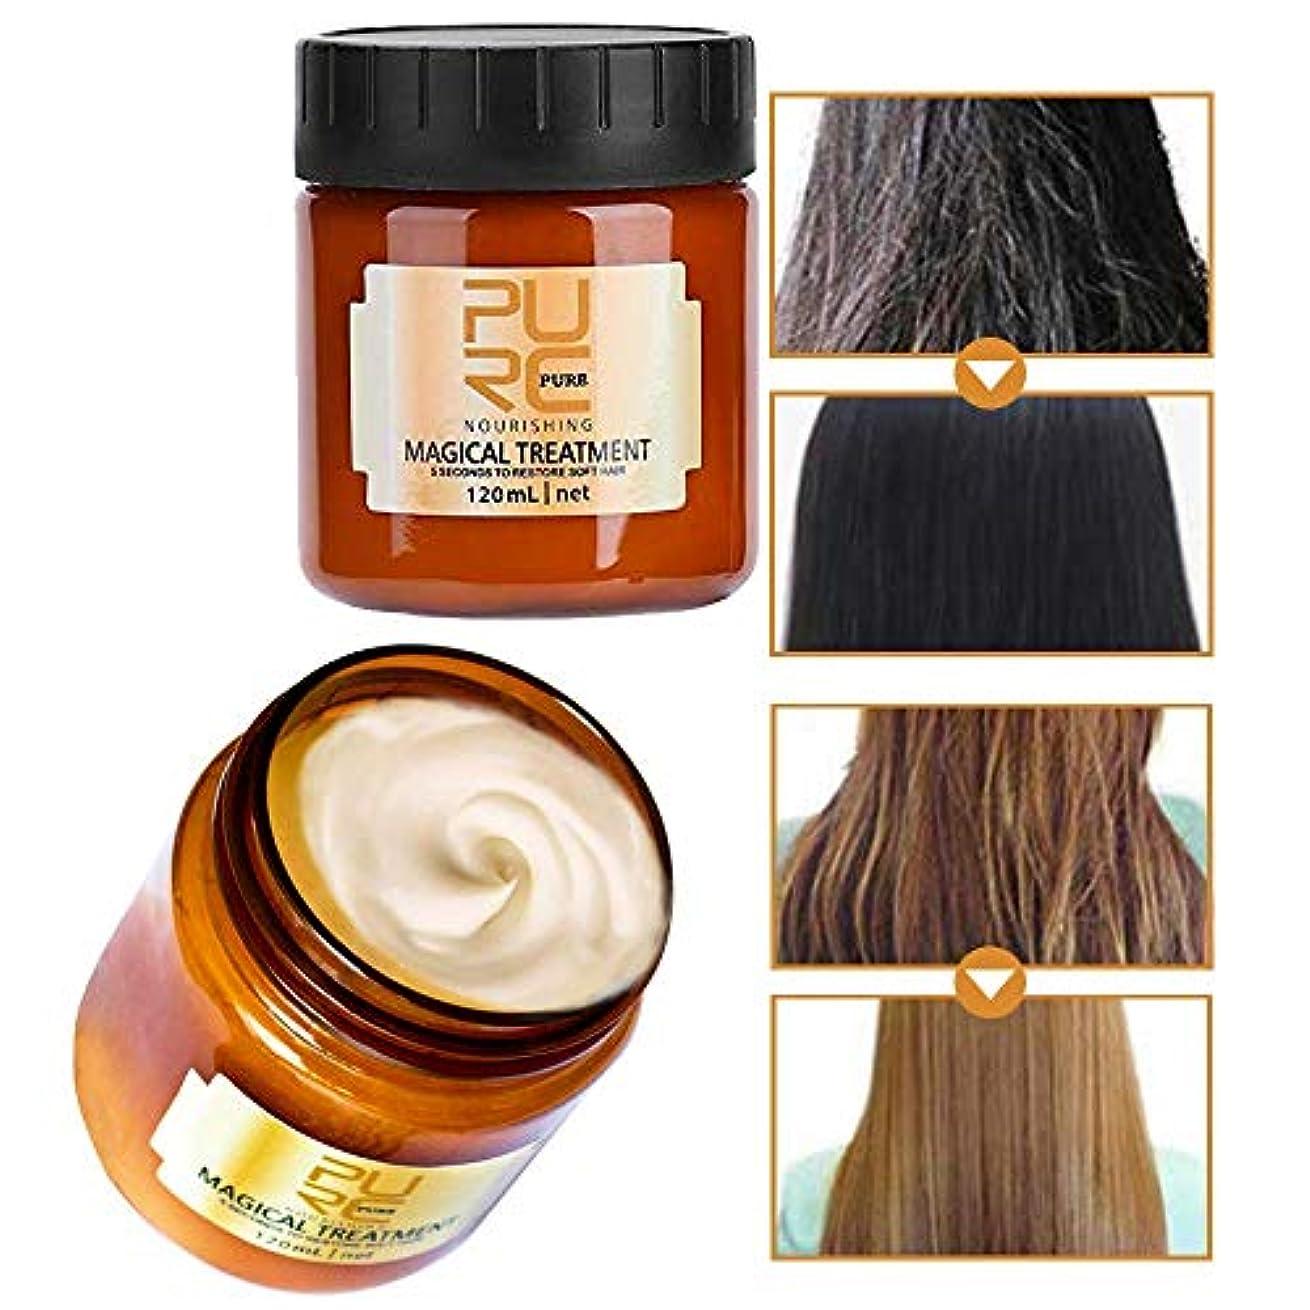 自治的損失アマチュアOdette 2019 ヘアケアエッセンスルートトリートメント乾燥した髪を改善躁髪質を改善し、健康的で柔らかい髪を回復する栄養ケアを達成効果的で便利なヘアケアクリーム (120ml) (1pcs)